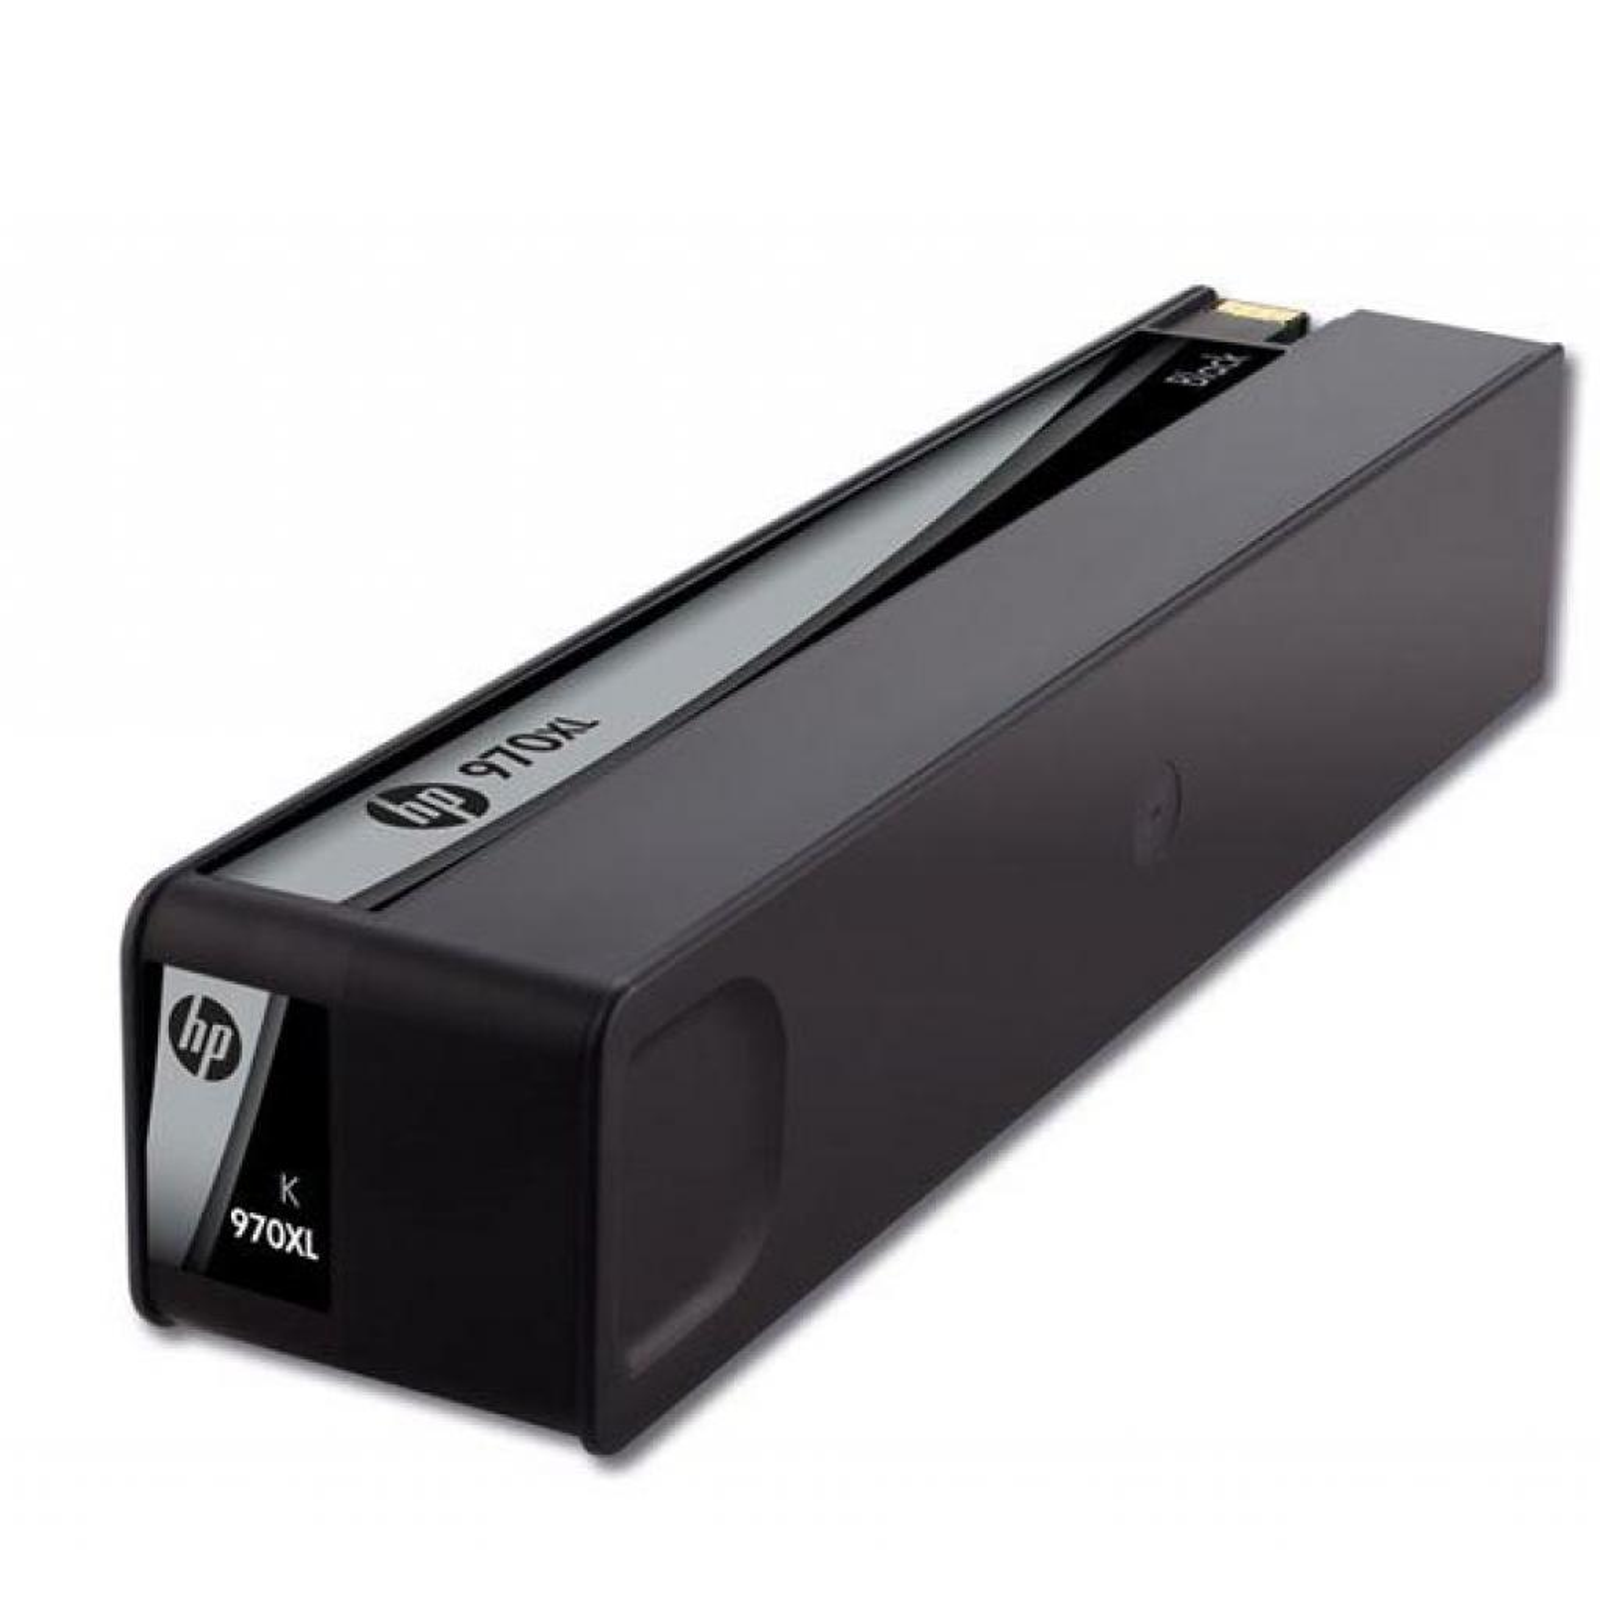 Картридж HP DJ No.970XL OJ Pro X451dw/X476dw/X551dw/ X576dw Black (CN625AE) изображение 2